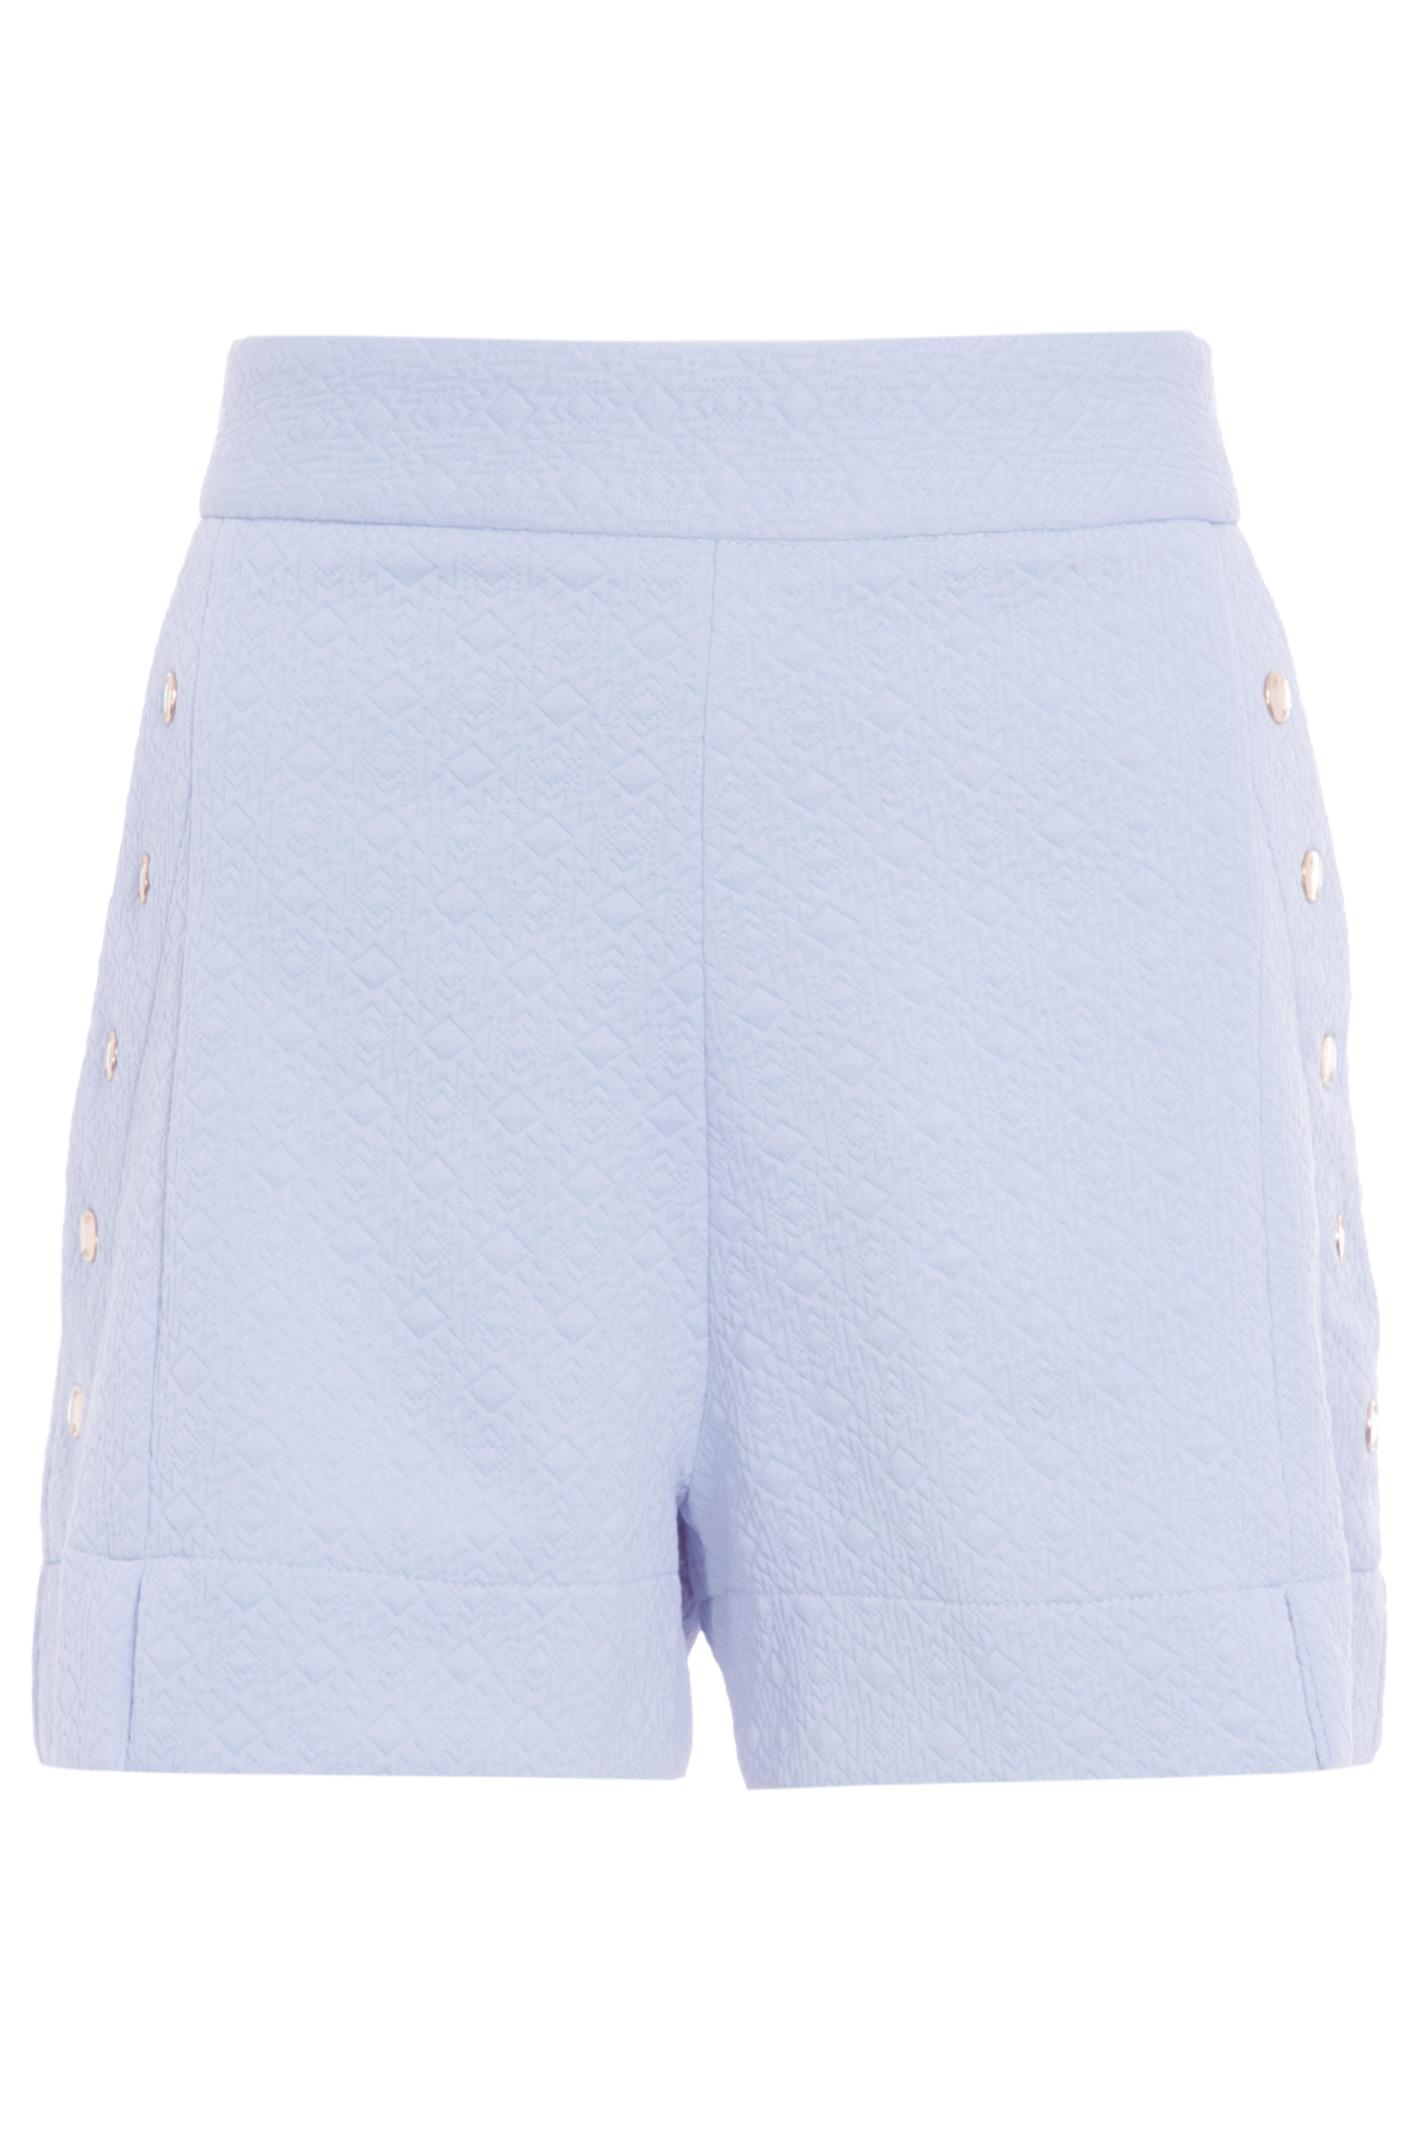 Shorts Botoes Jacquard